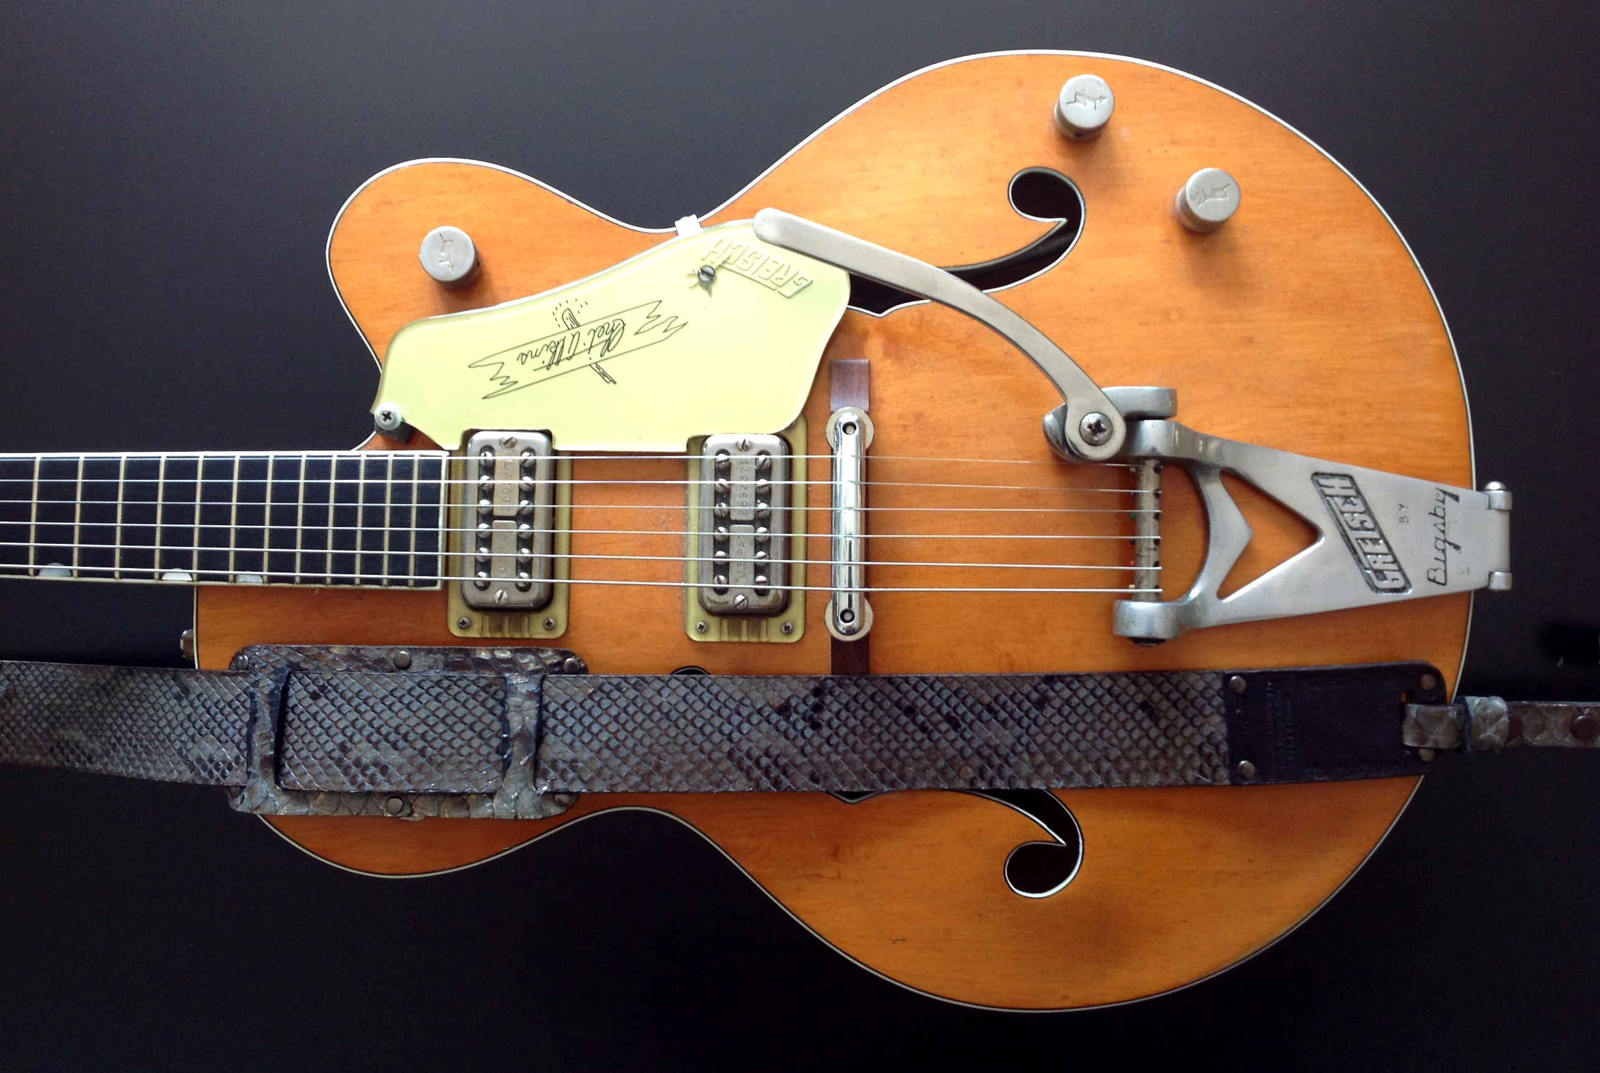 r b leathers usa genuine python snake skin guitar strap 1 vintage modern guitars. Black Bedroom Furniture Sets. Home Design Ideas